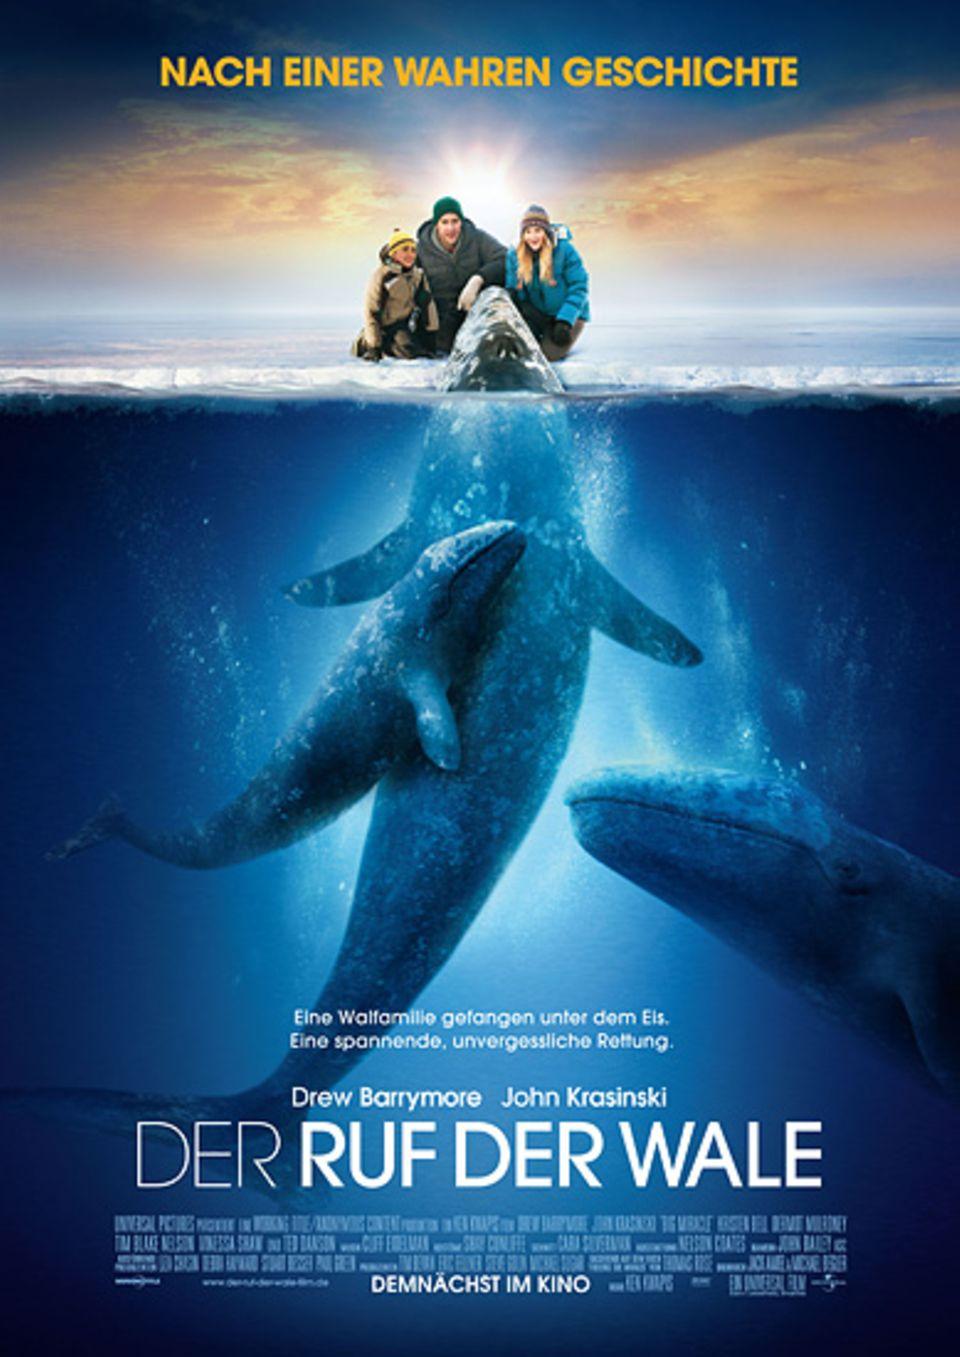 Kinotipp: Seit dem 16. Februar im Kino: Der Ruf der Wale